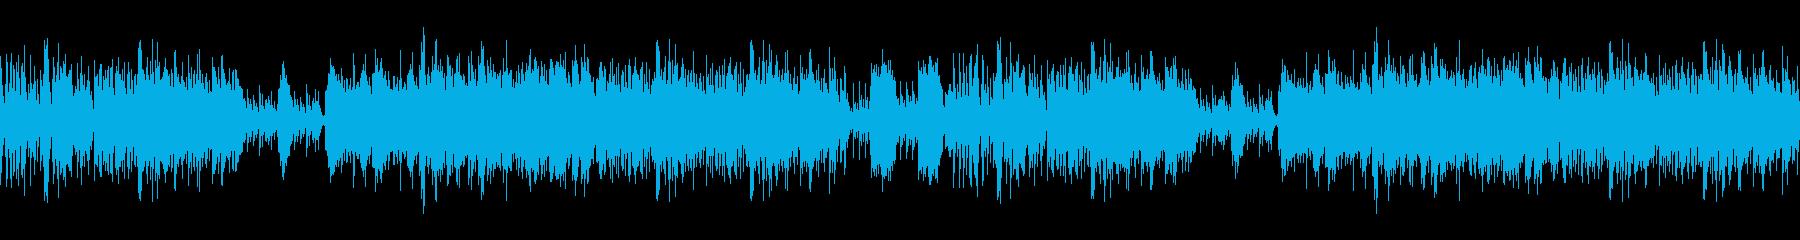 琴和太鼓ポップで和風楽曲ループ音源の再生済みの波形